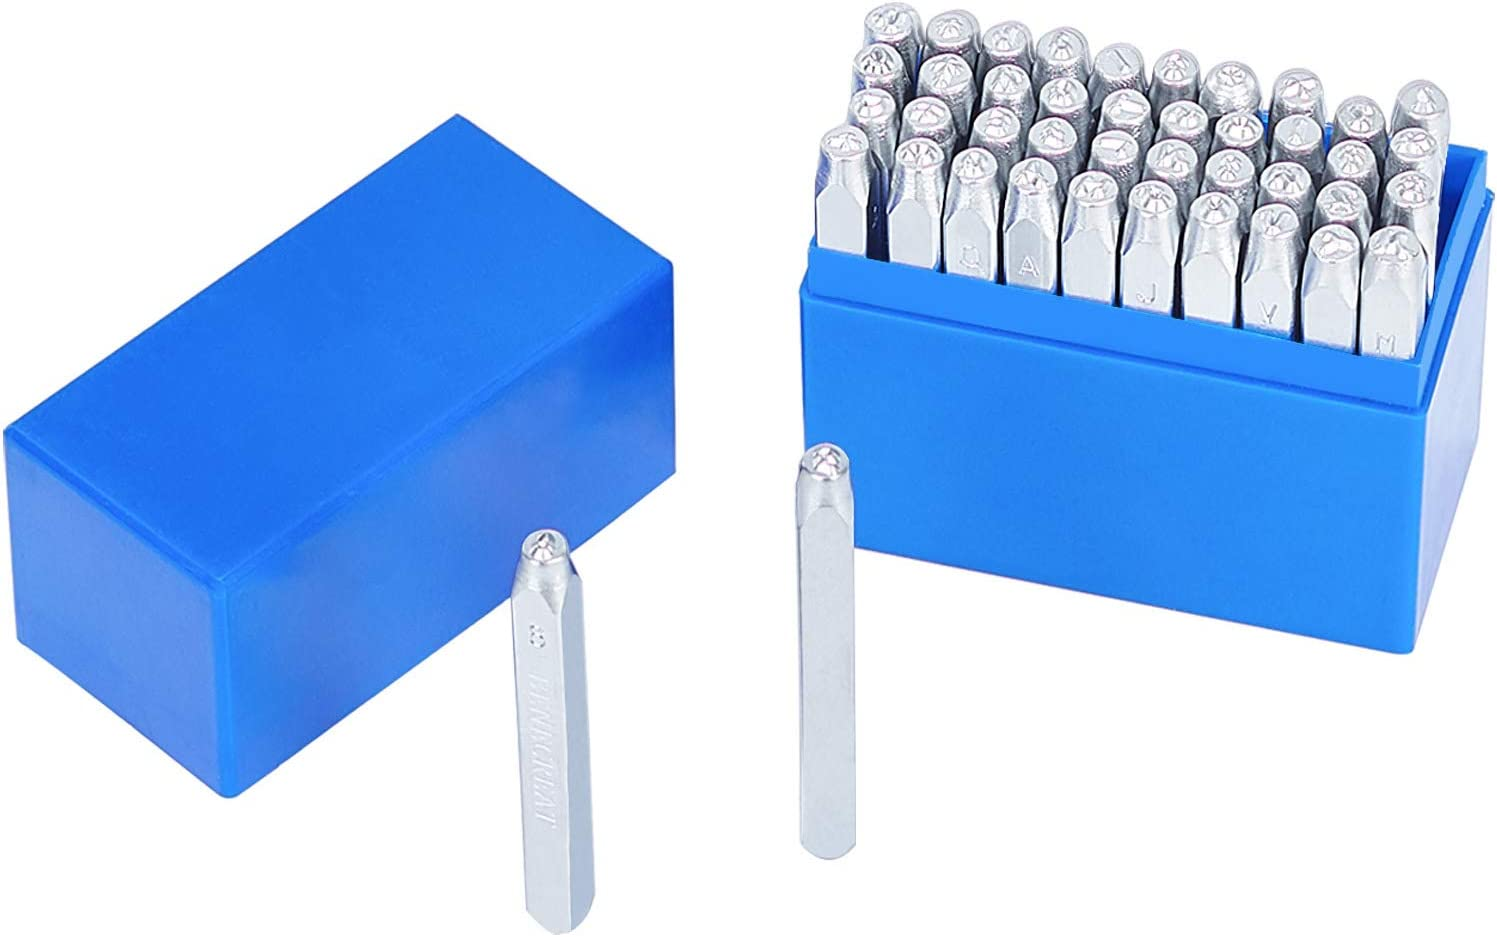 PandaHall 42pcs Letra y número Conjunto de Sellos de Metal Alfabeto de la A a la Z y Número Sellos de la Caja Superior de Hierro Herramienta de punzonadora para Imprimir en Metal